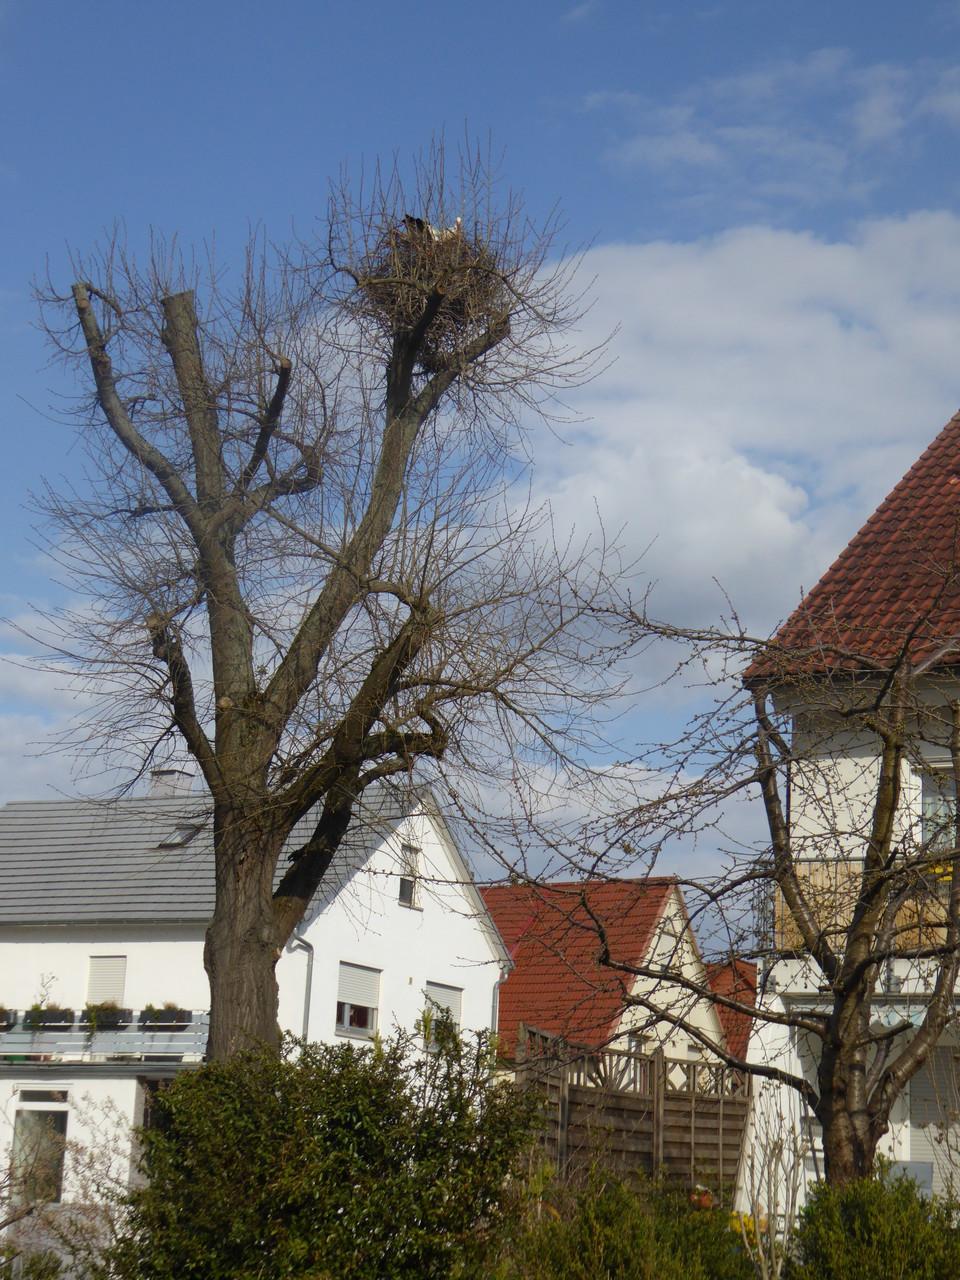 Storchennest mitten in Dornheim, Bahnhofstraße